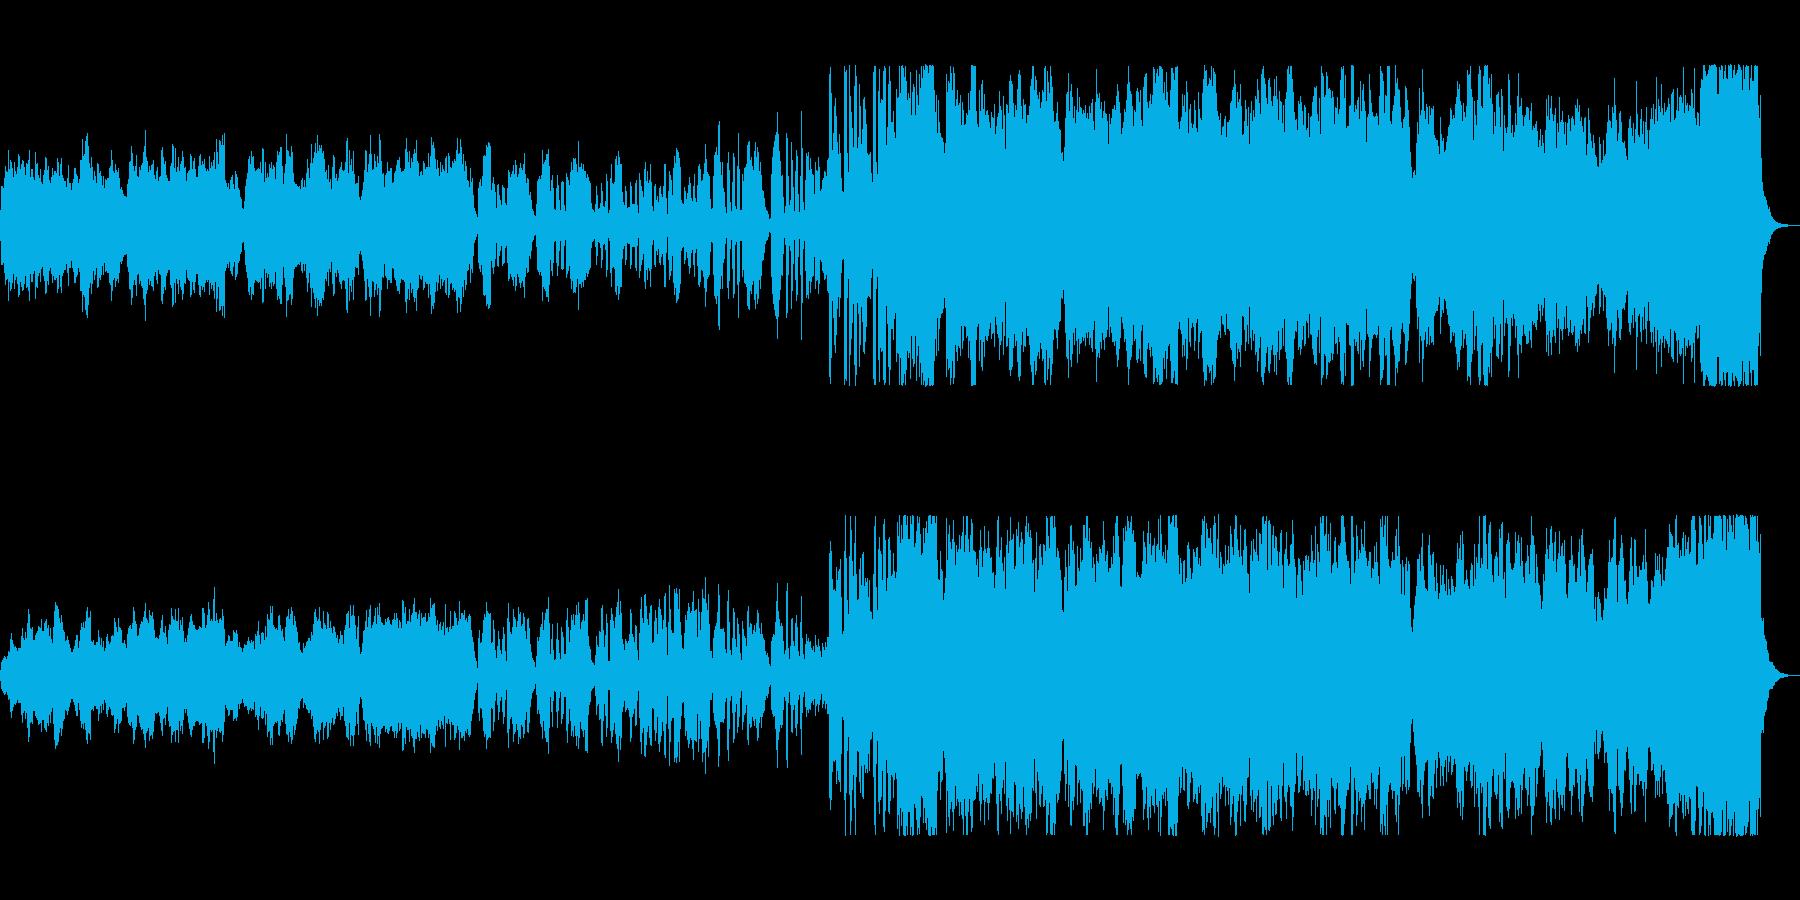 ゆっくりした広がりのあるオーケストラの曲の再生済みの波形